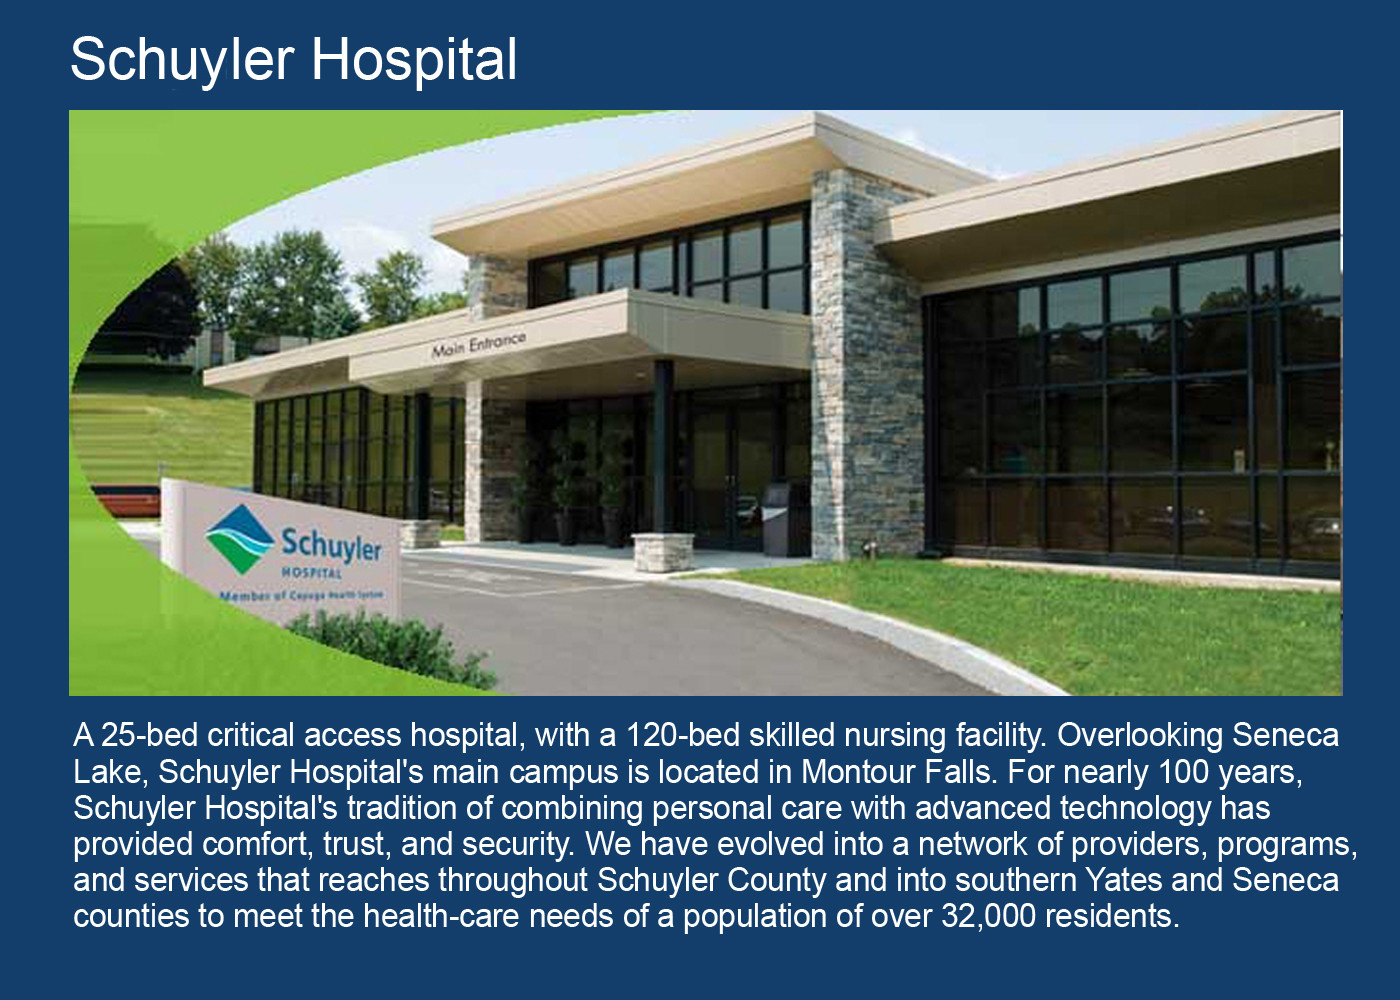 Schyuler Hospital